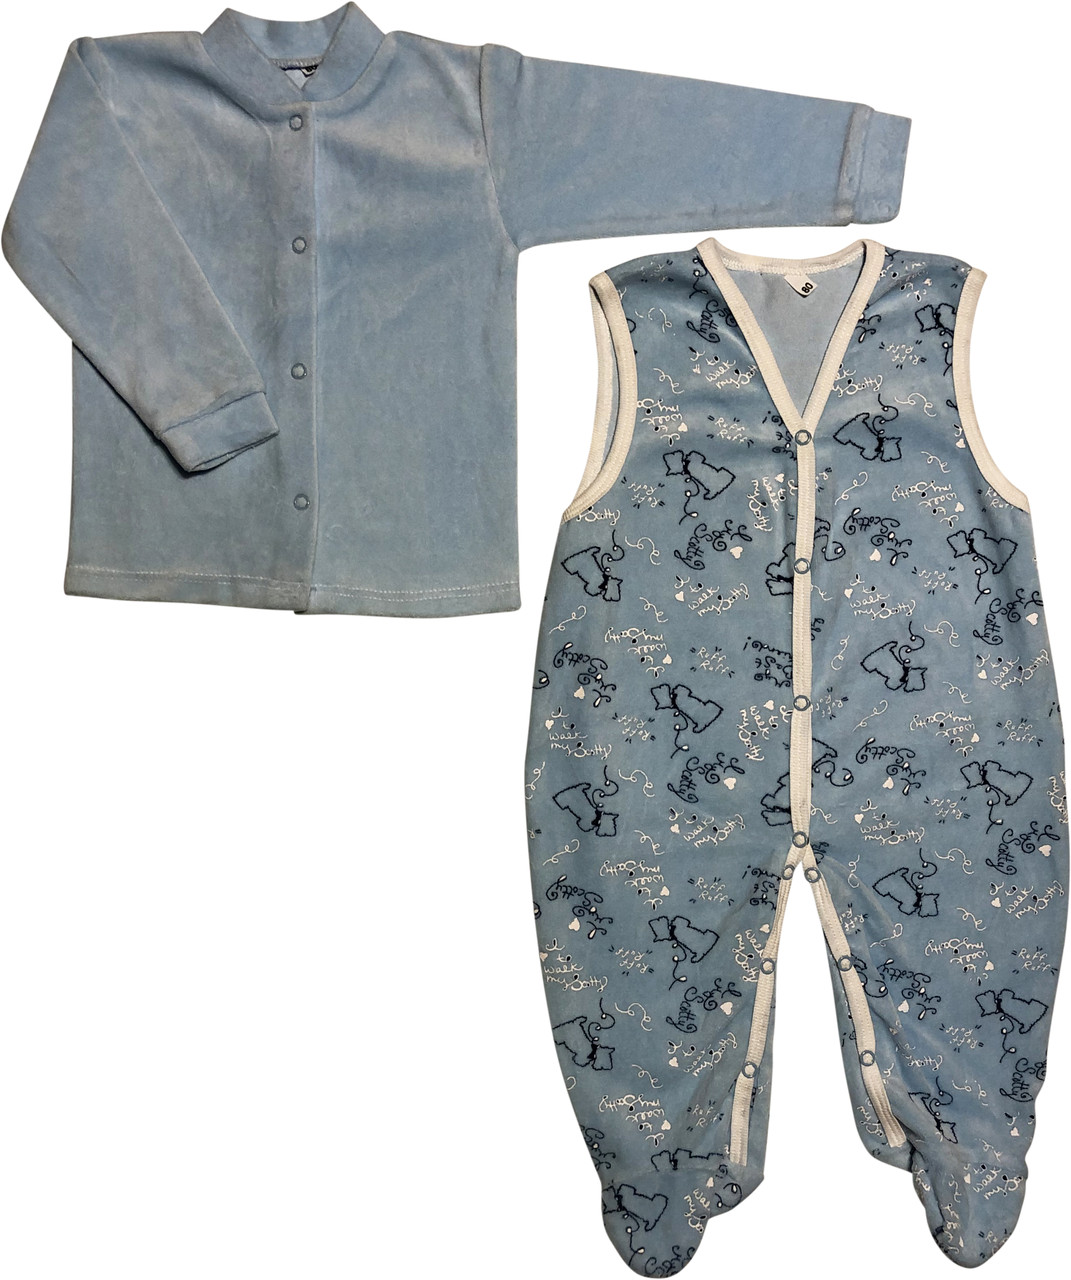 Костюм на хлопчика ріст 80 9-12 міс для новонароджених малюків комплект дитячий велюровий блакитний